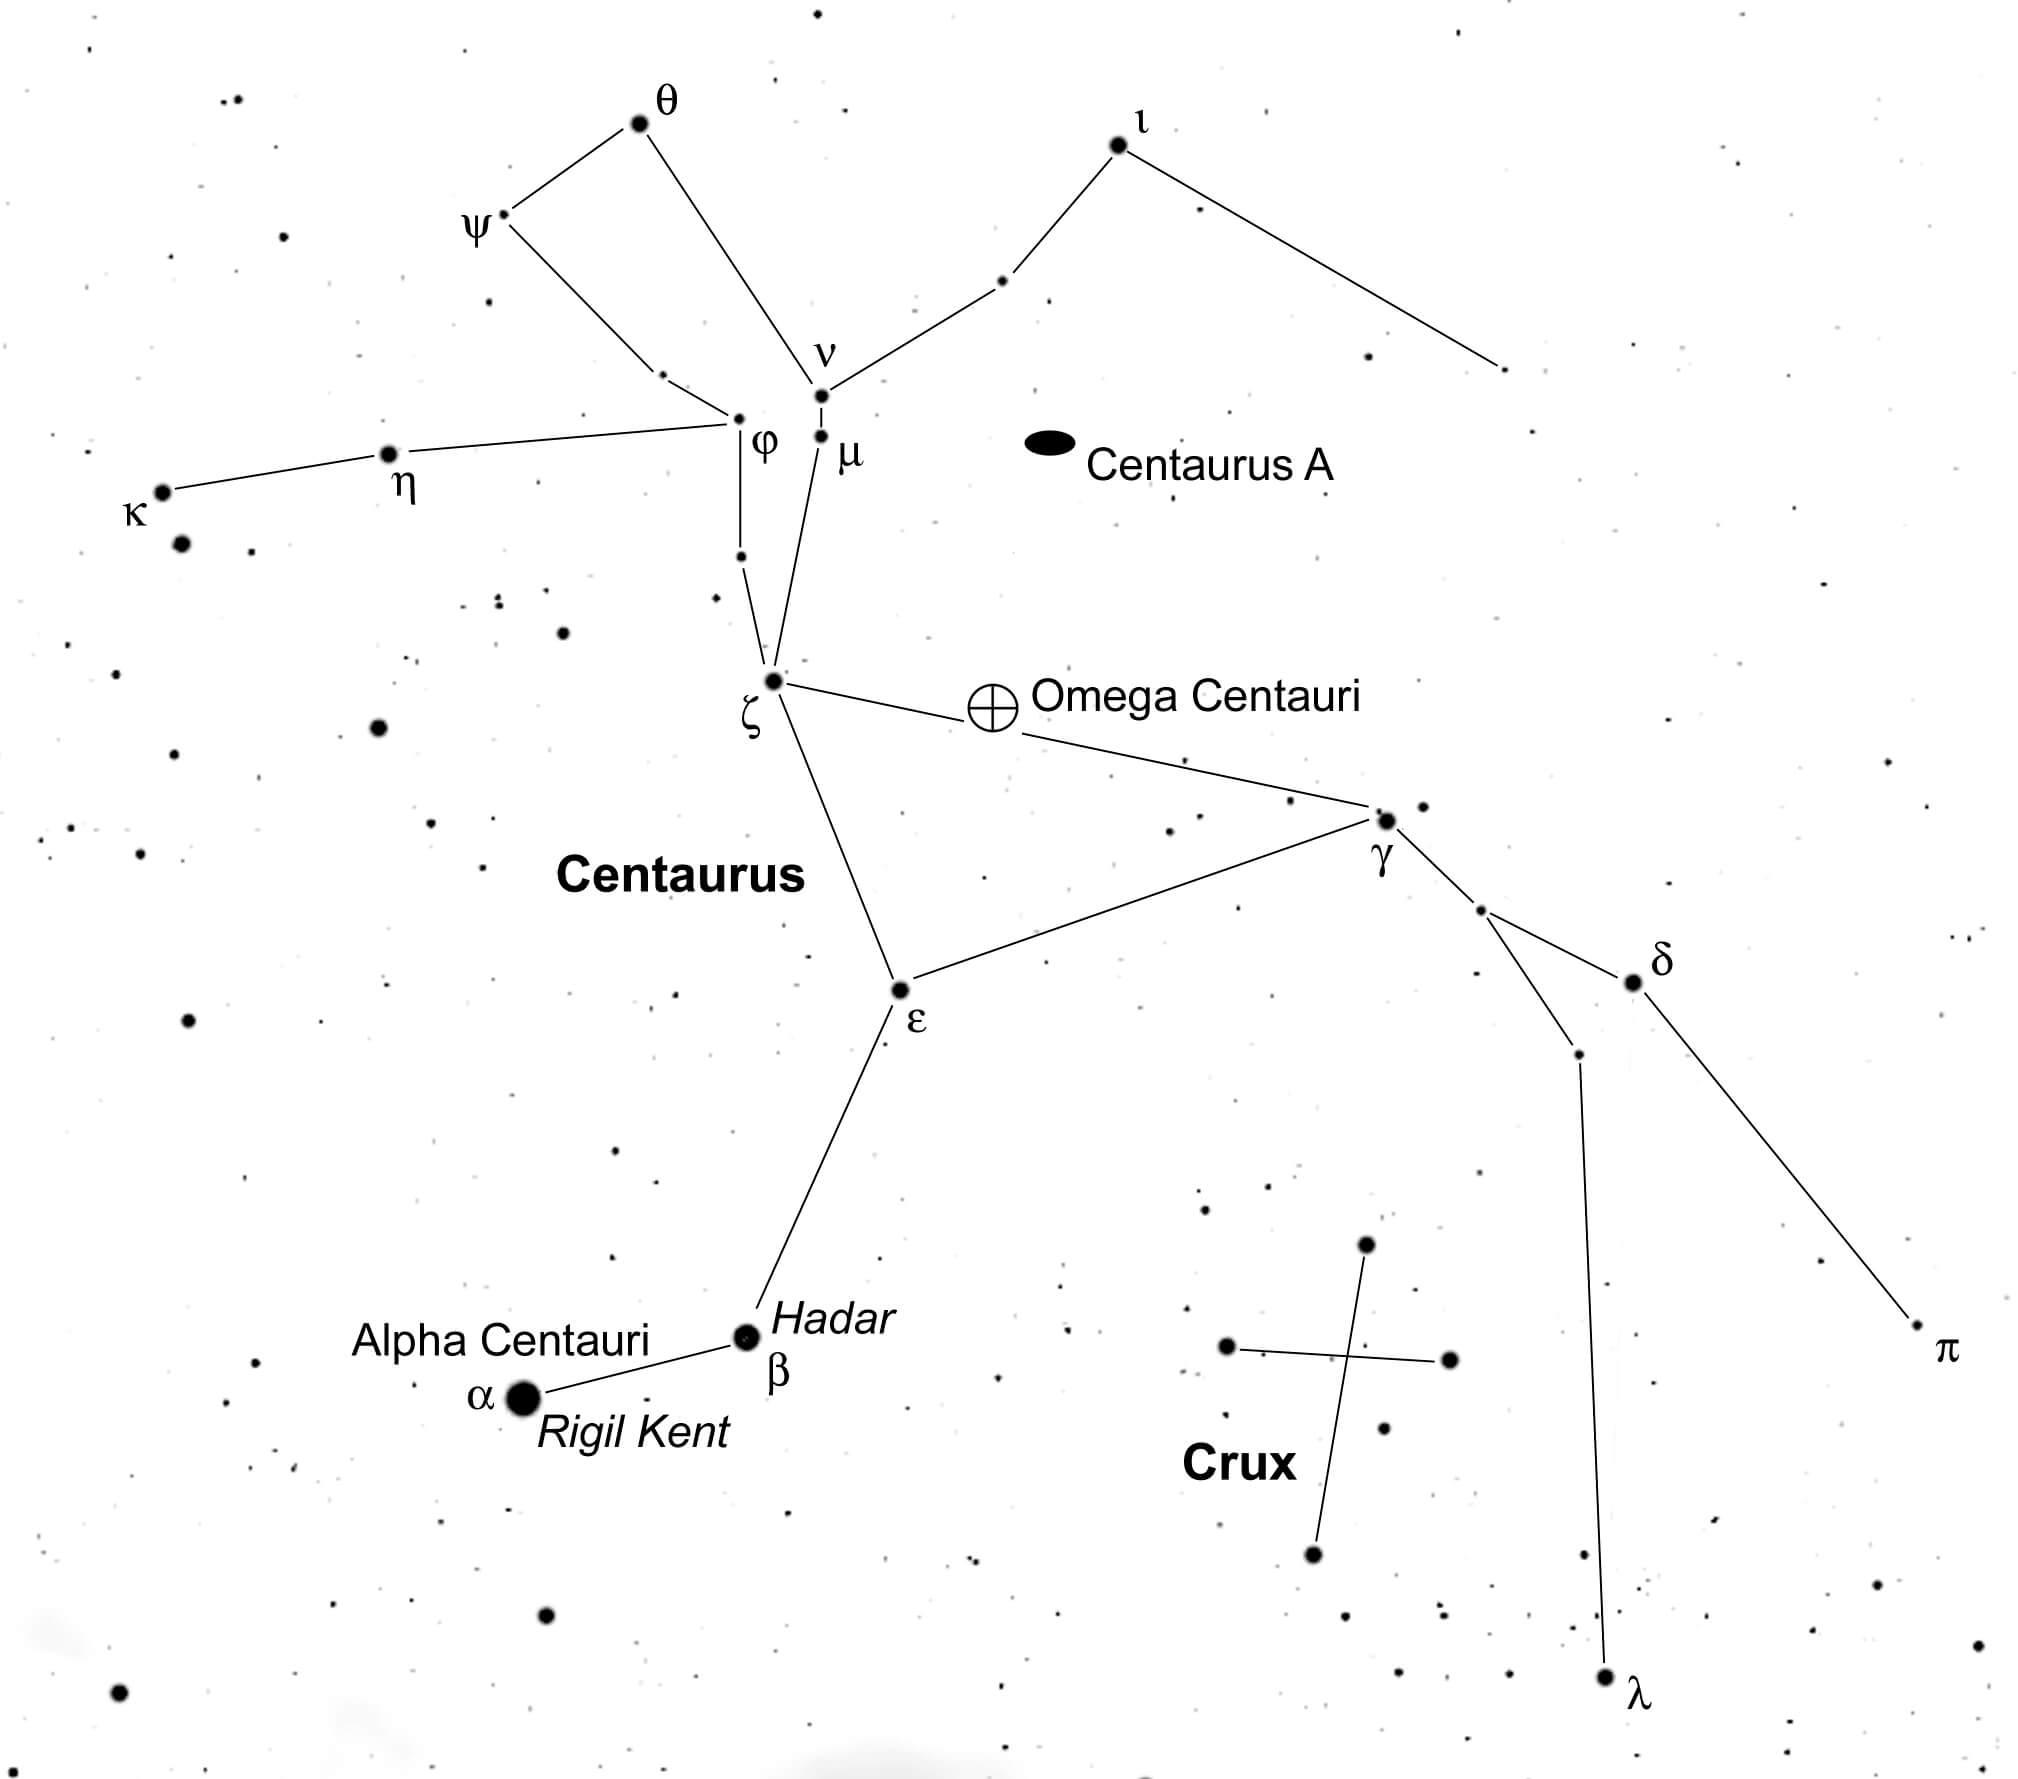 новый объект в созвездии Центавра